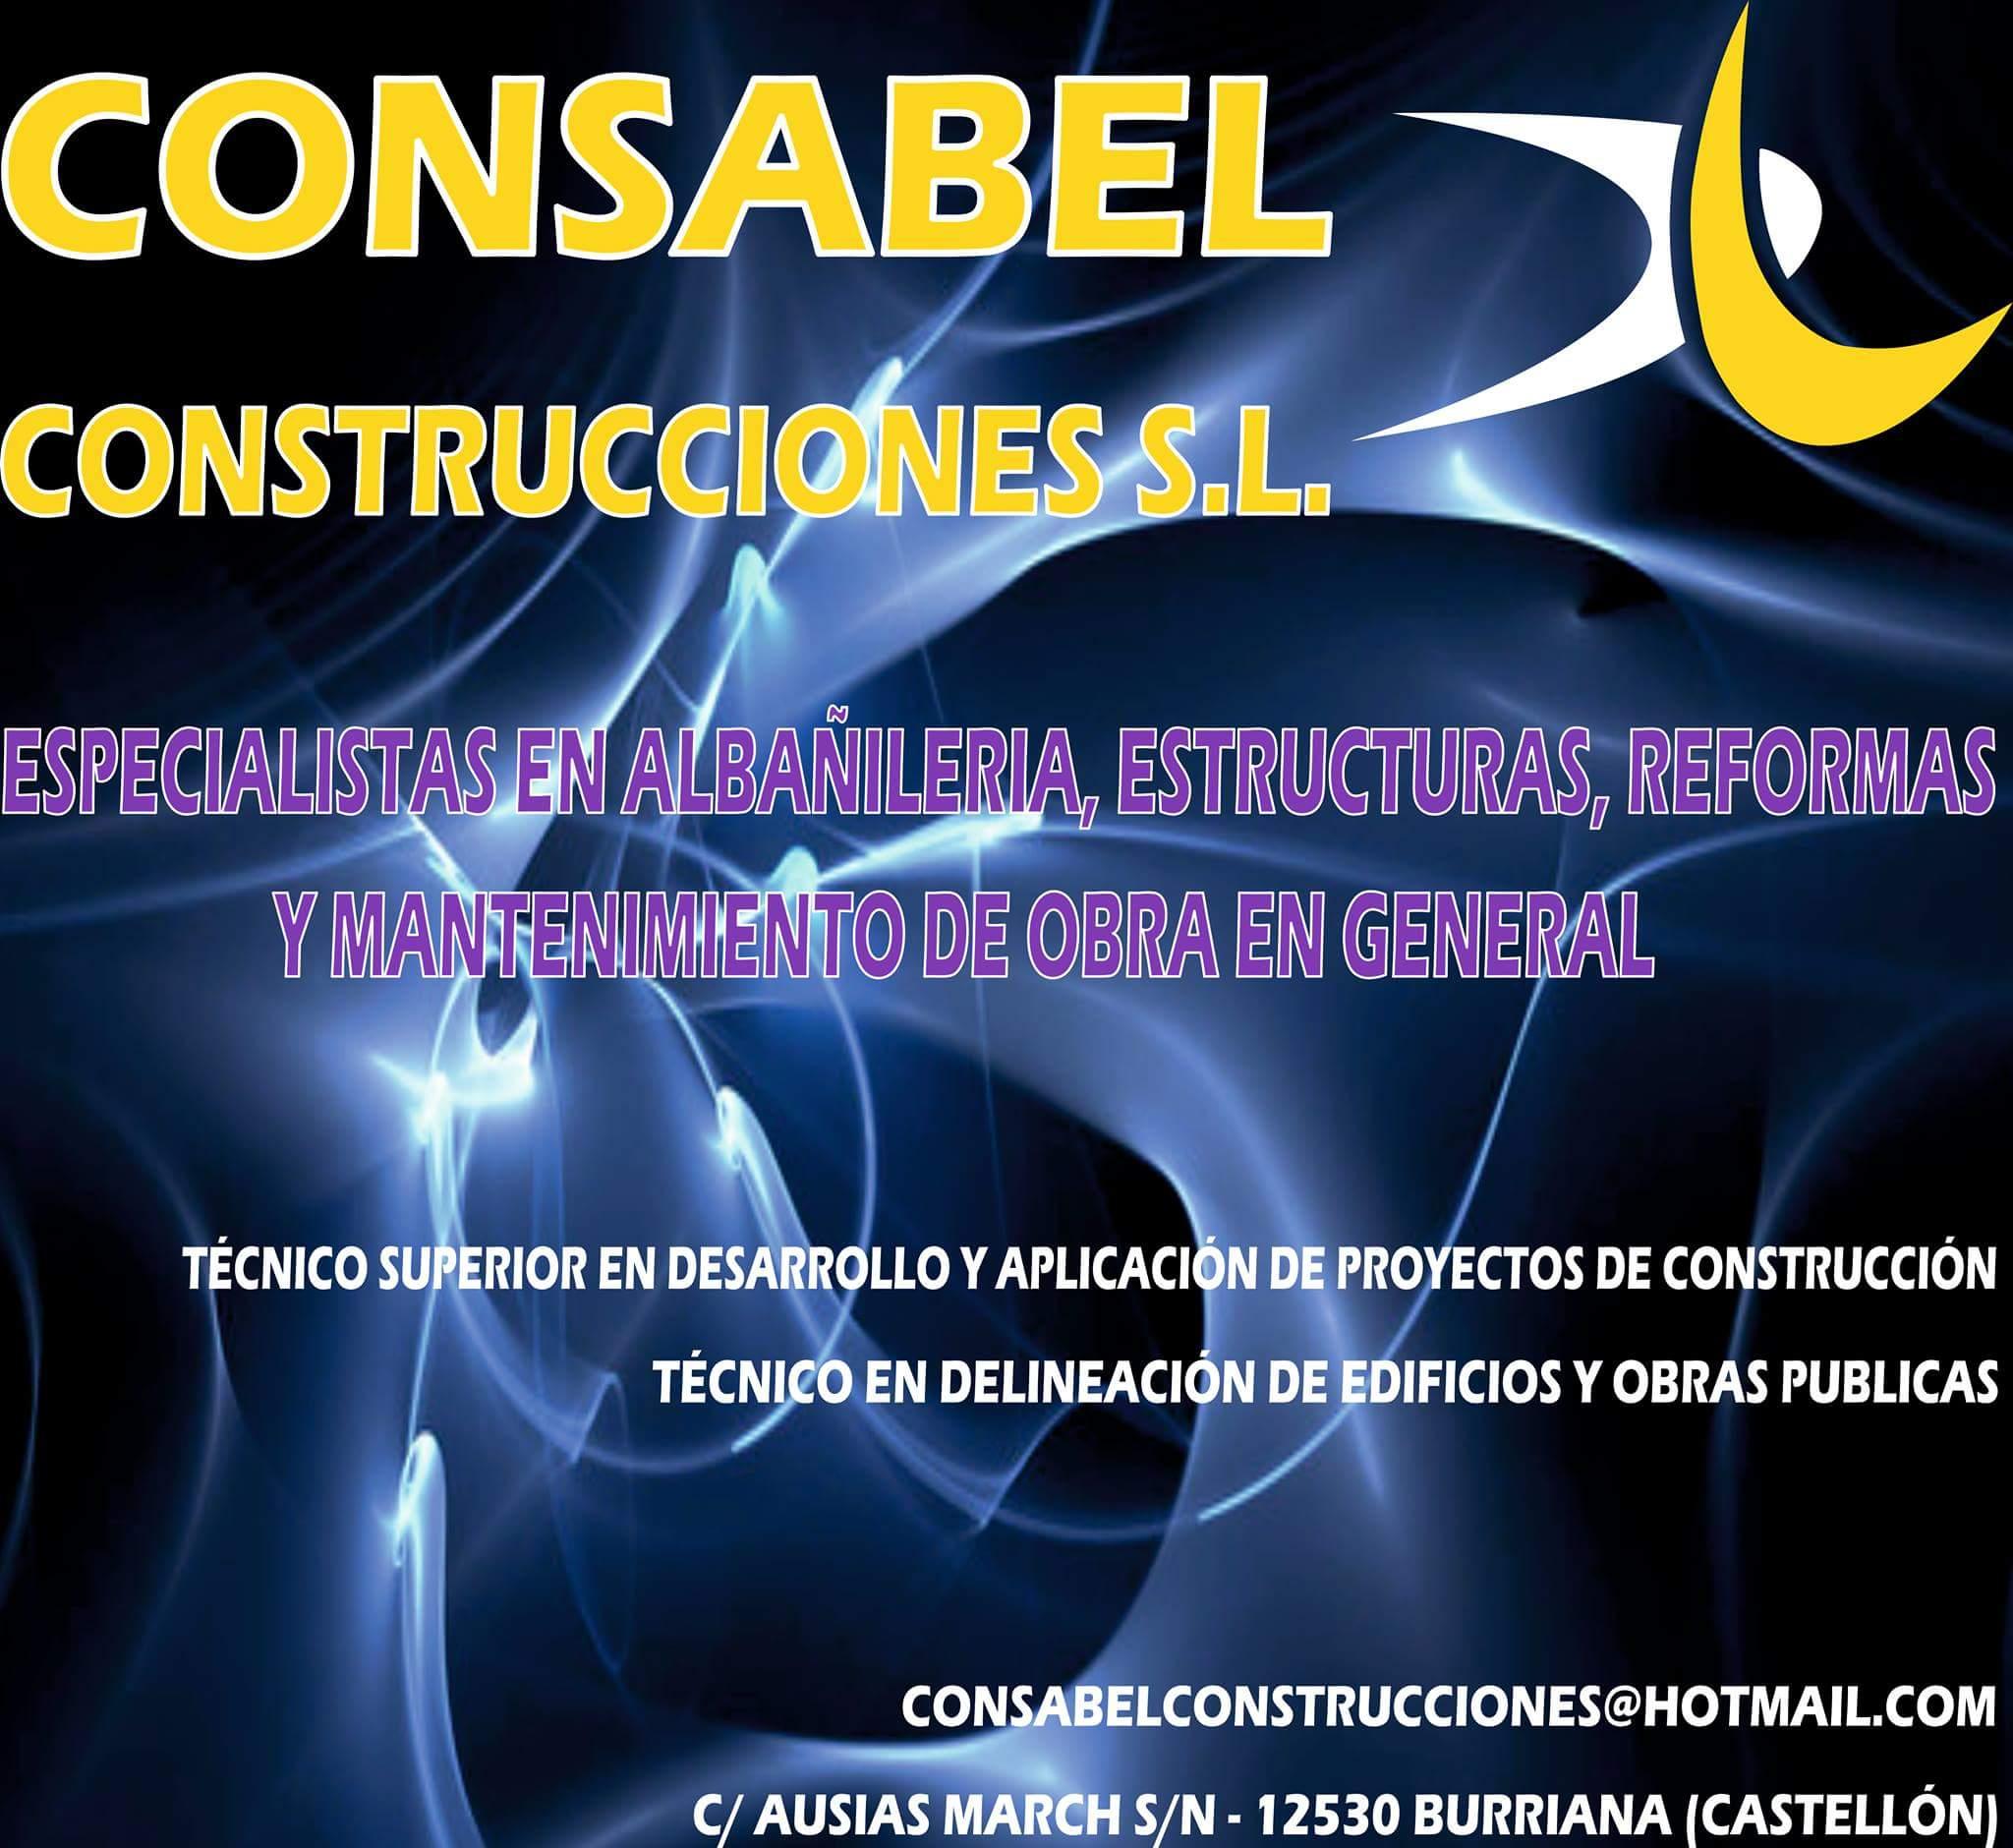 Consabel Construcciones S.l.